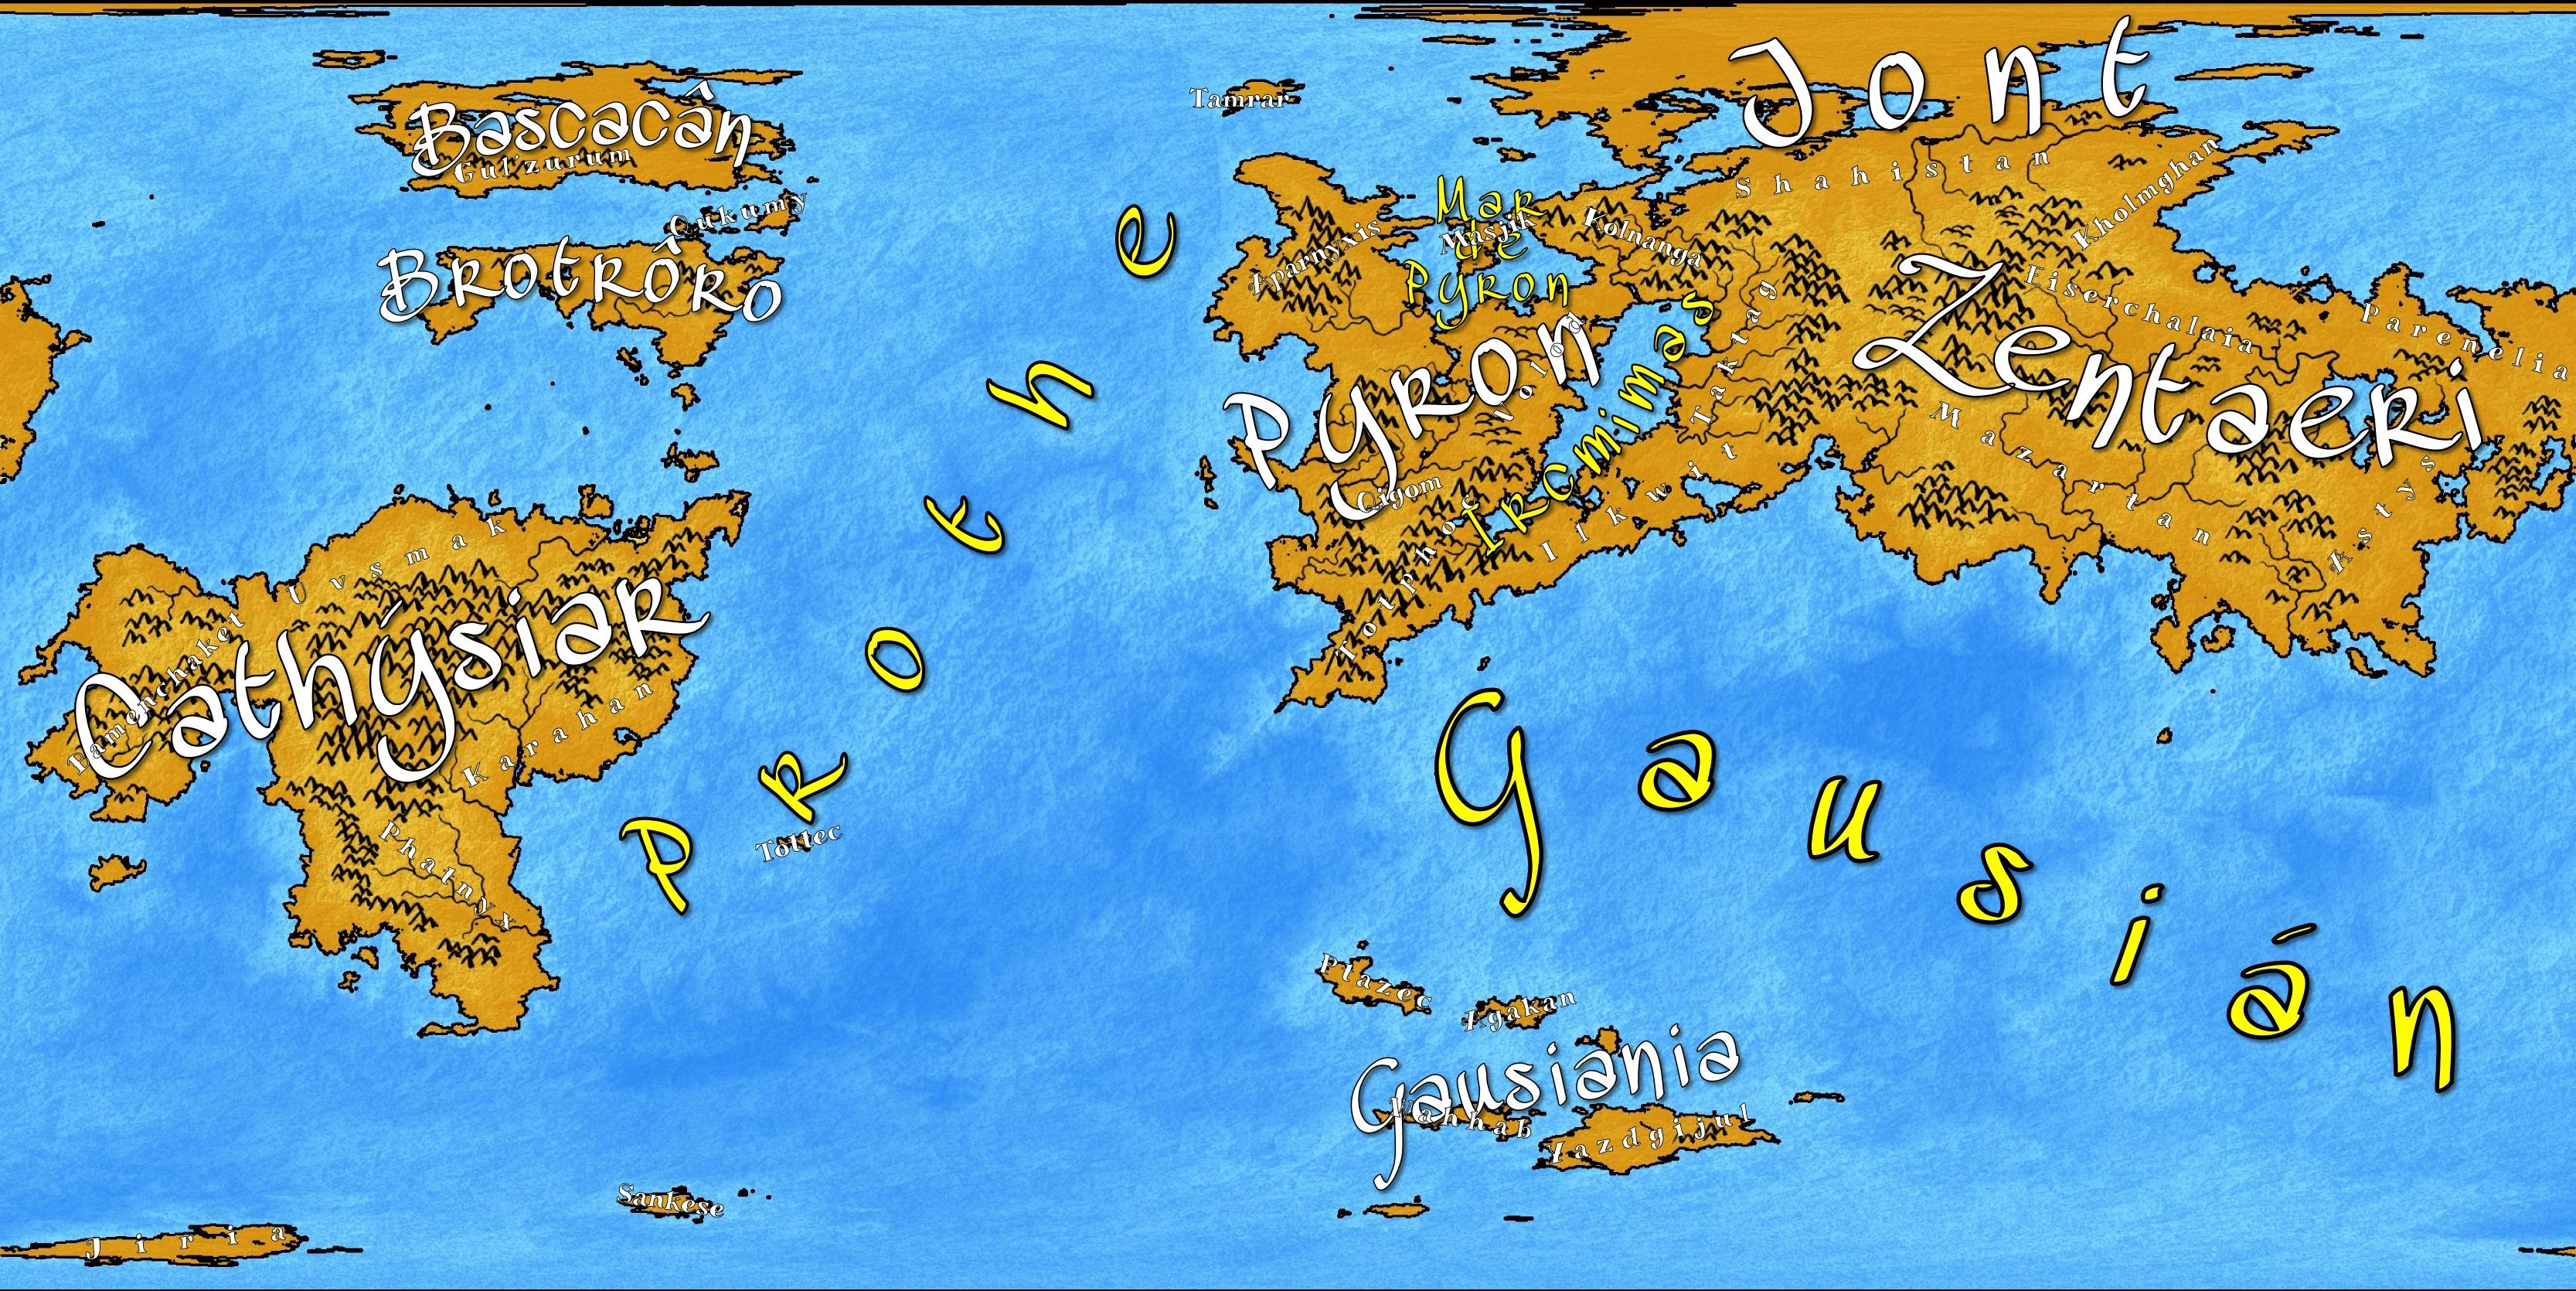 Mapa con nombres de grandes y pequeñas regiones